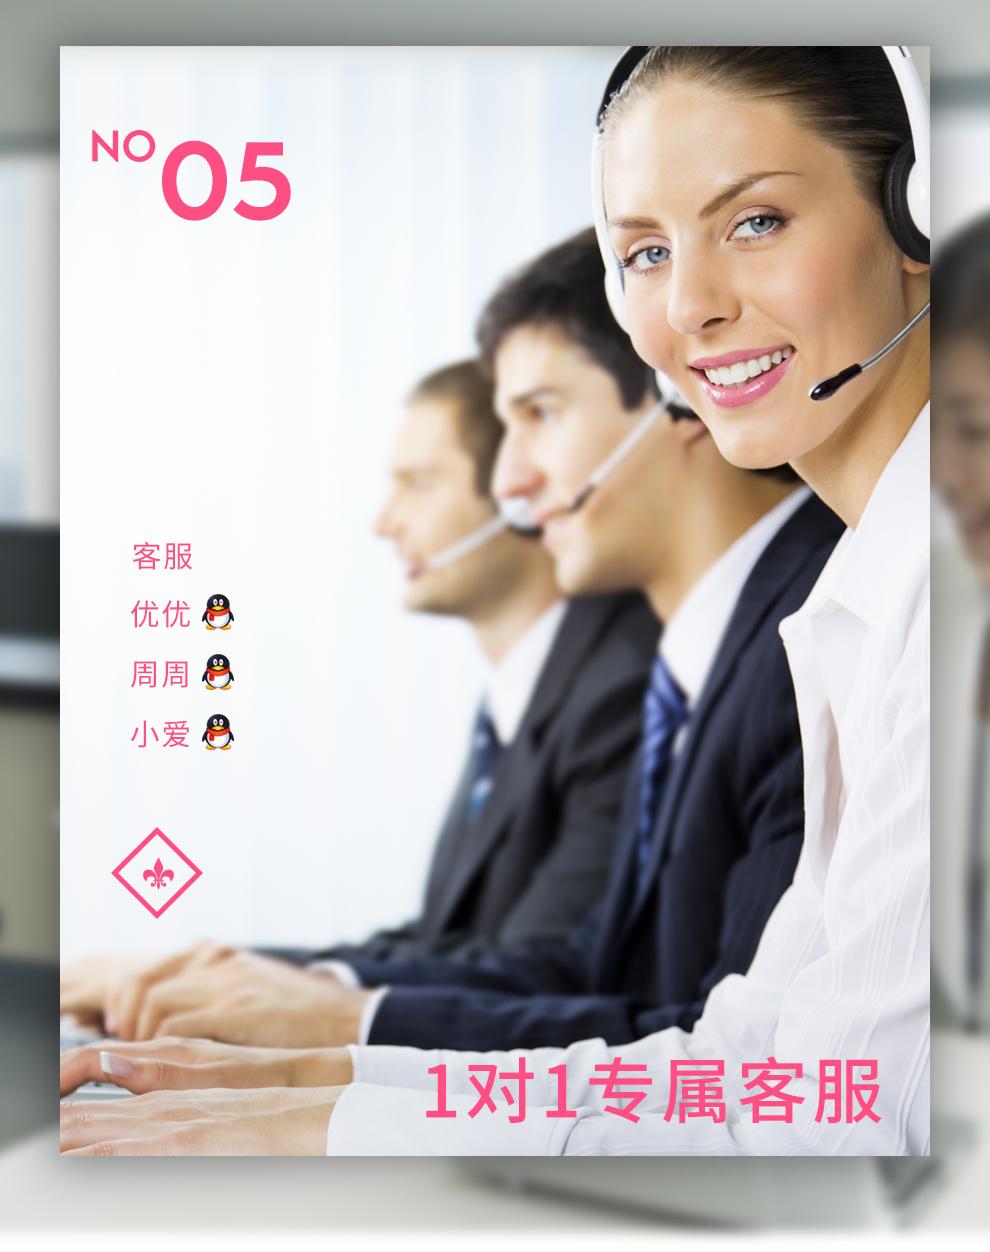 定制_05.jpg